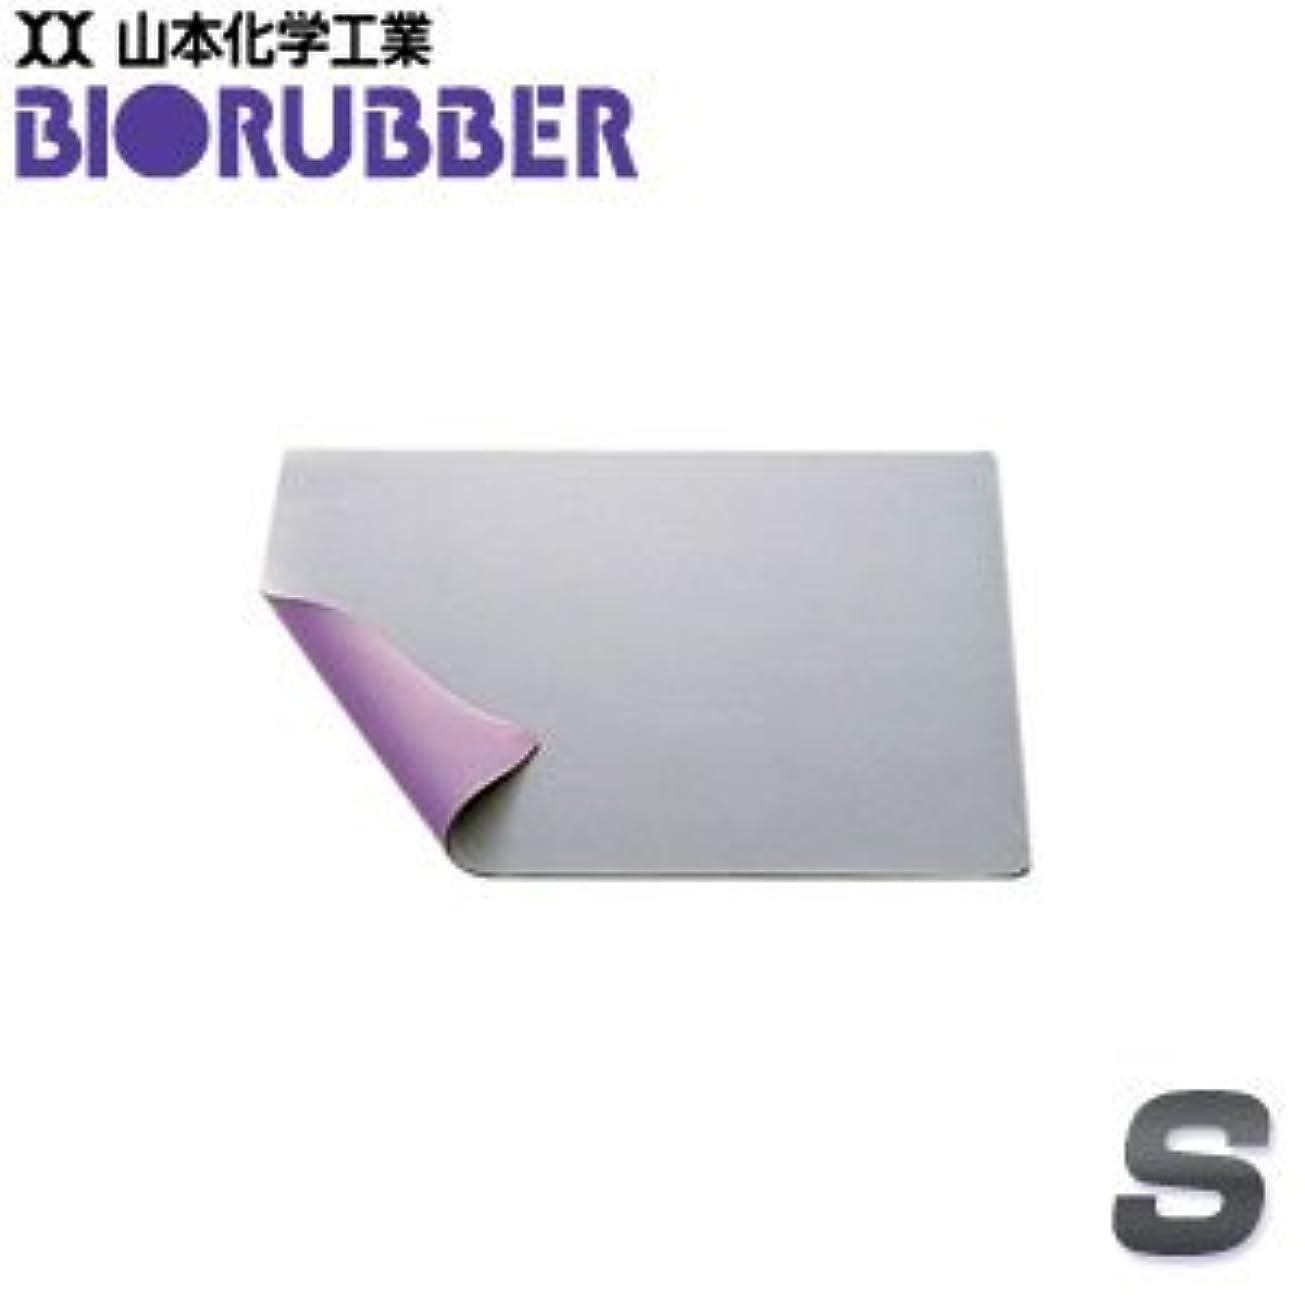 ◆バイオラバー マット 【スタンダードS】(2.5mm厚) 山本化学工業